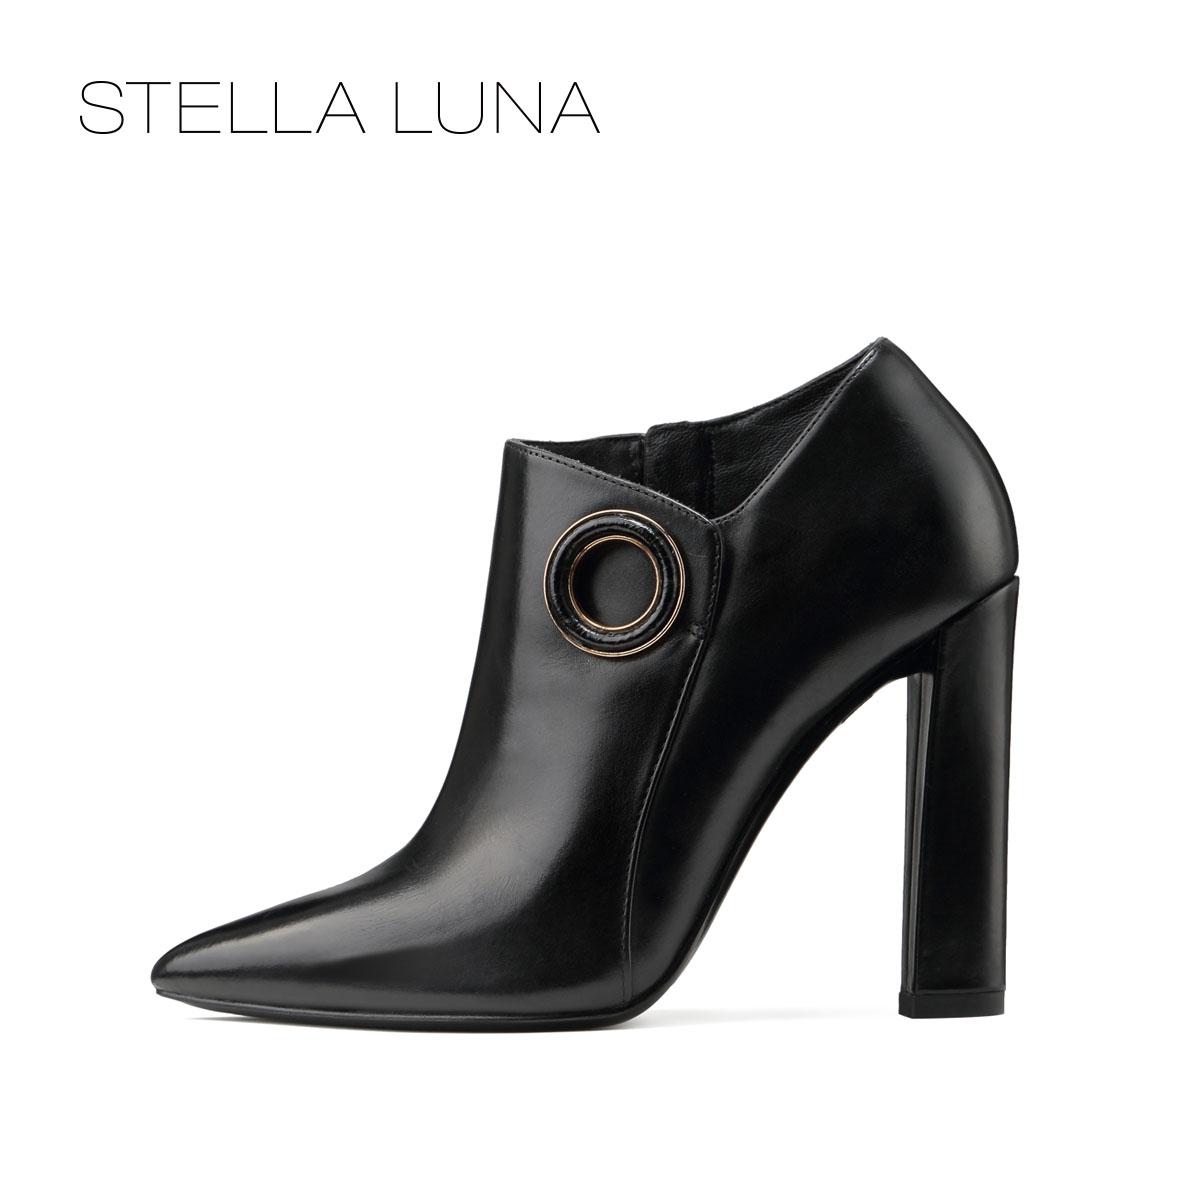 STELLA LUNA女靴秋冬简约尖头高跟靴性感踝靴女细跟潮SF320L11579